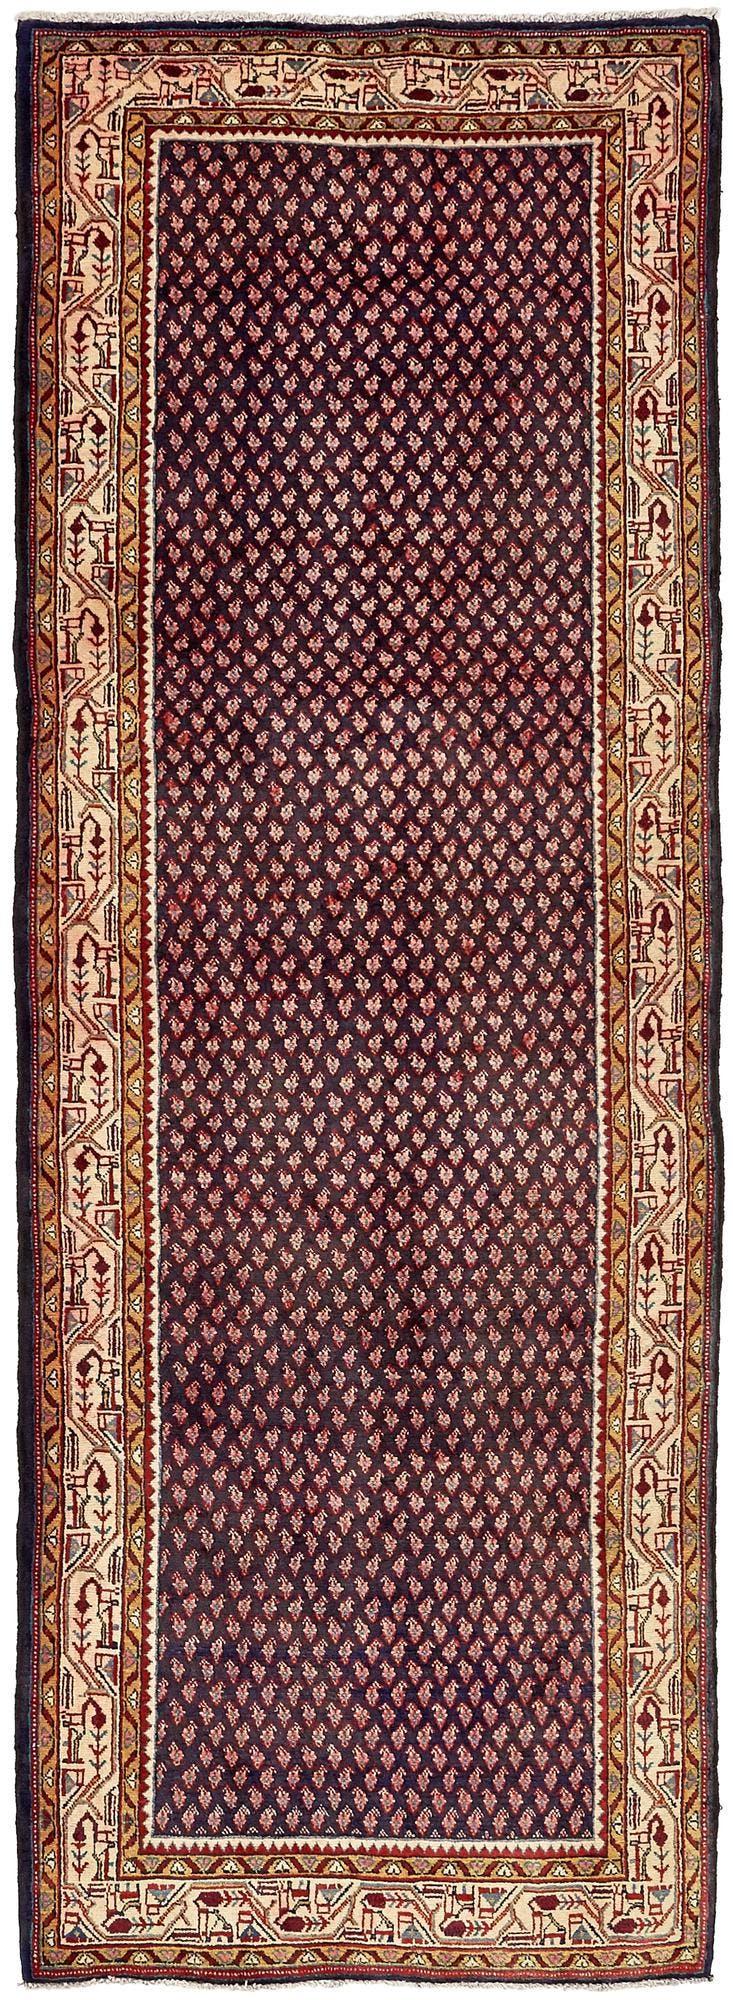 3' 7 x 10' 2 Botemir Persian Runner Rug main image